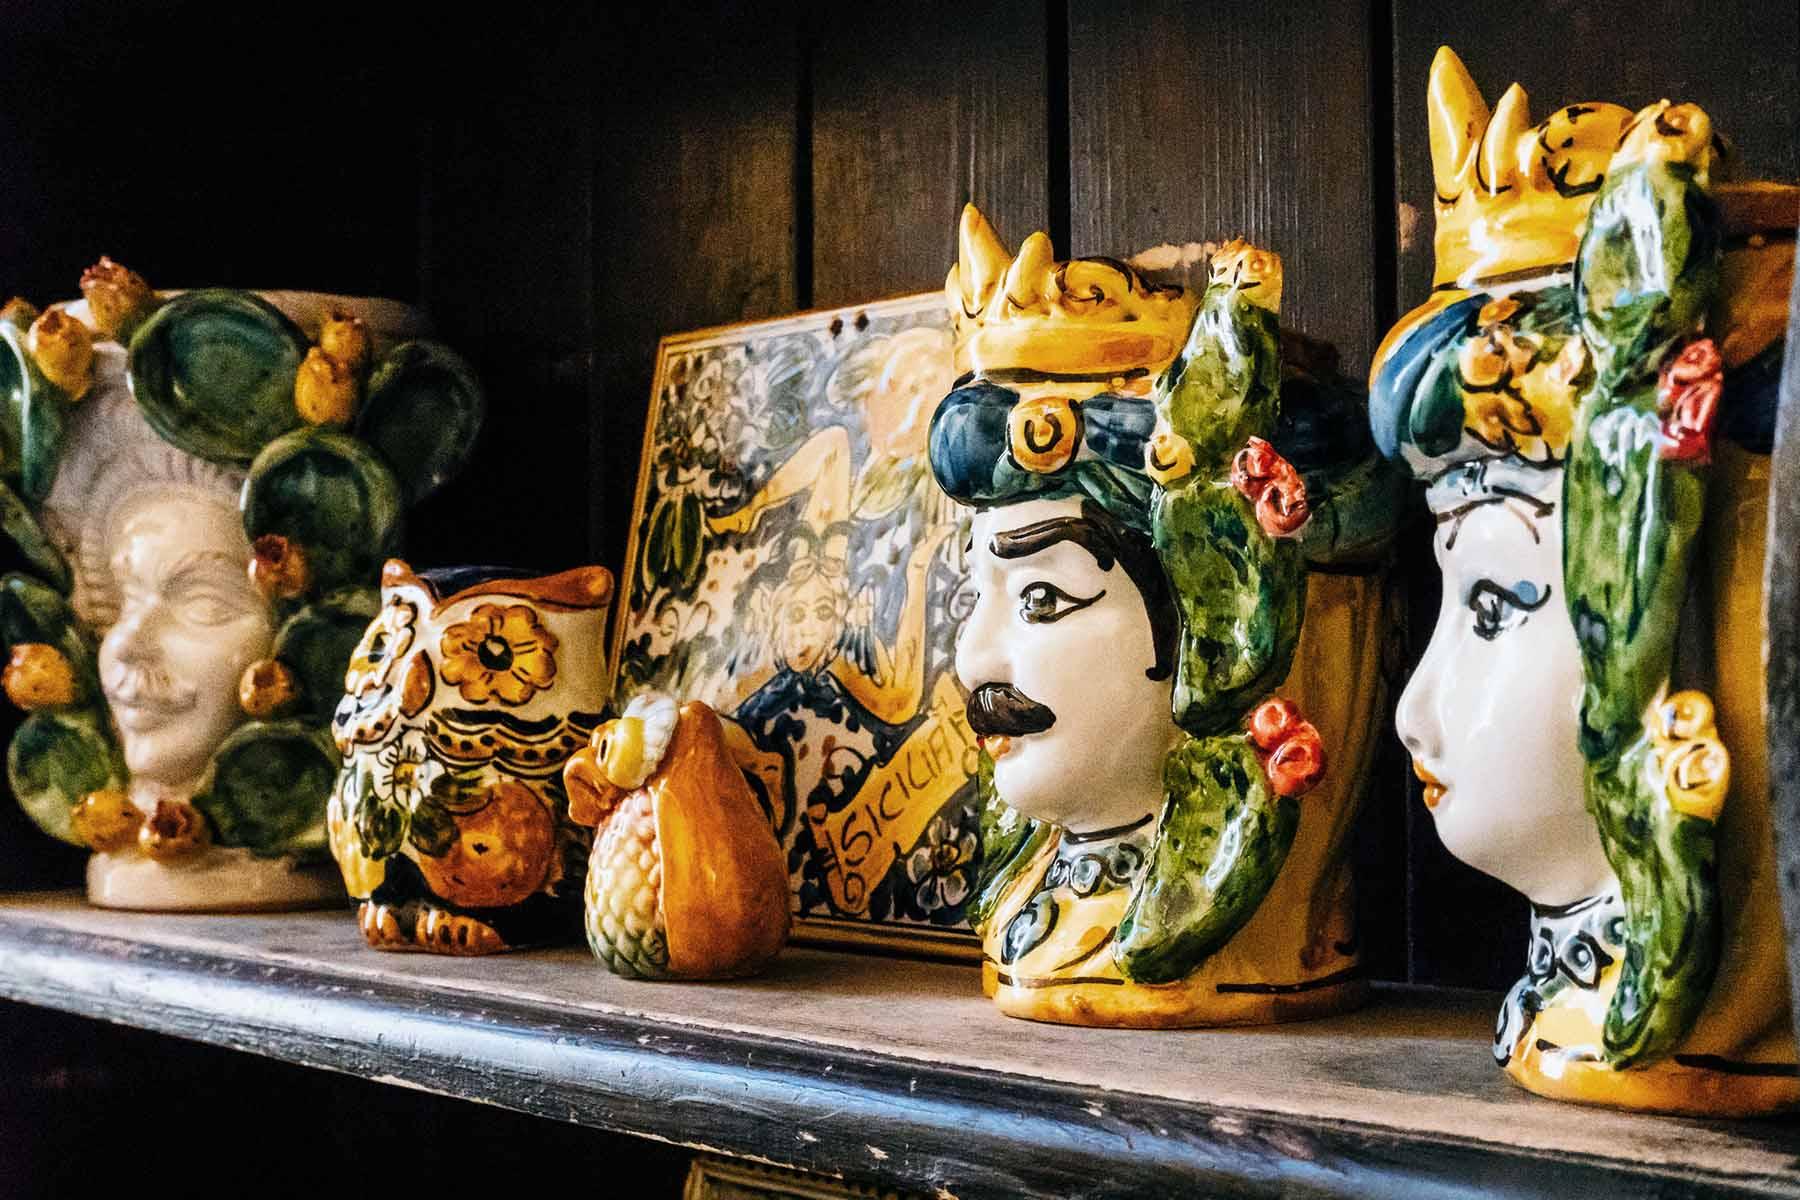 sicilian ceramic heads